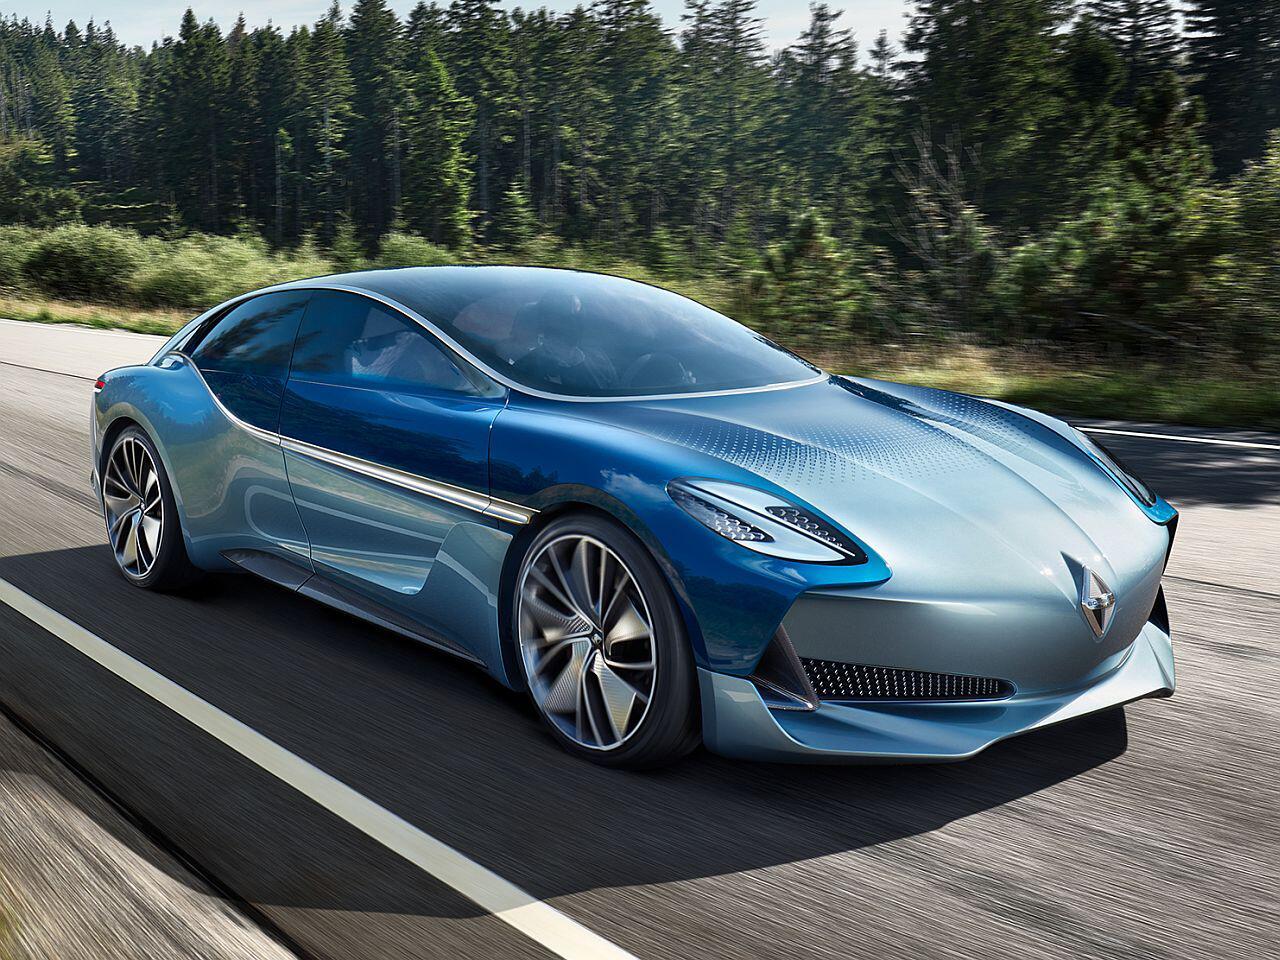 Bild zu Concept Cars: Das waren die faszinierendsten Studien des Jahres 2017